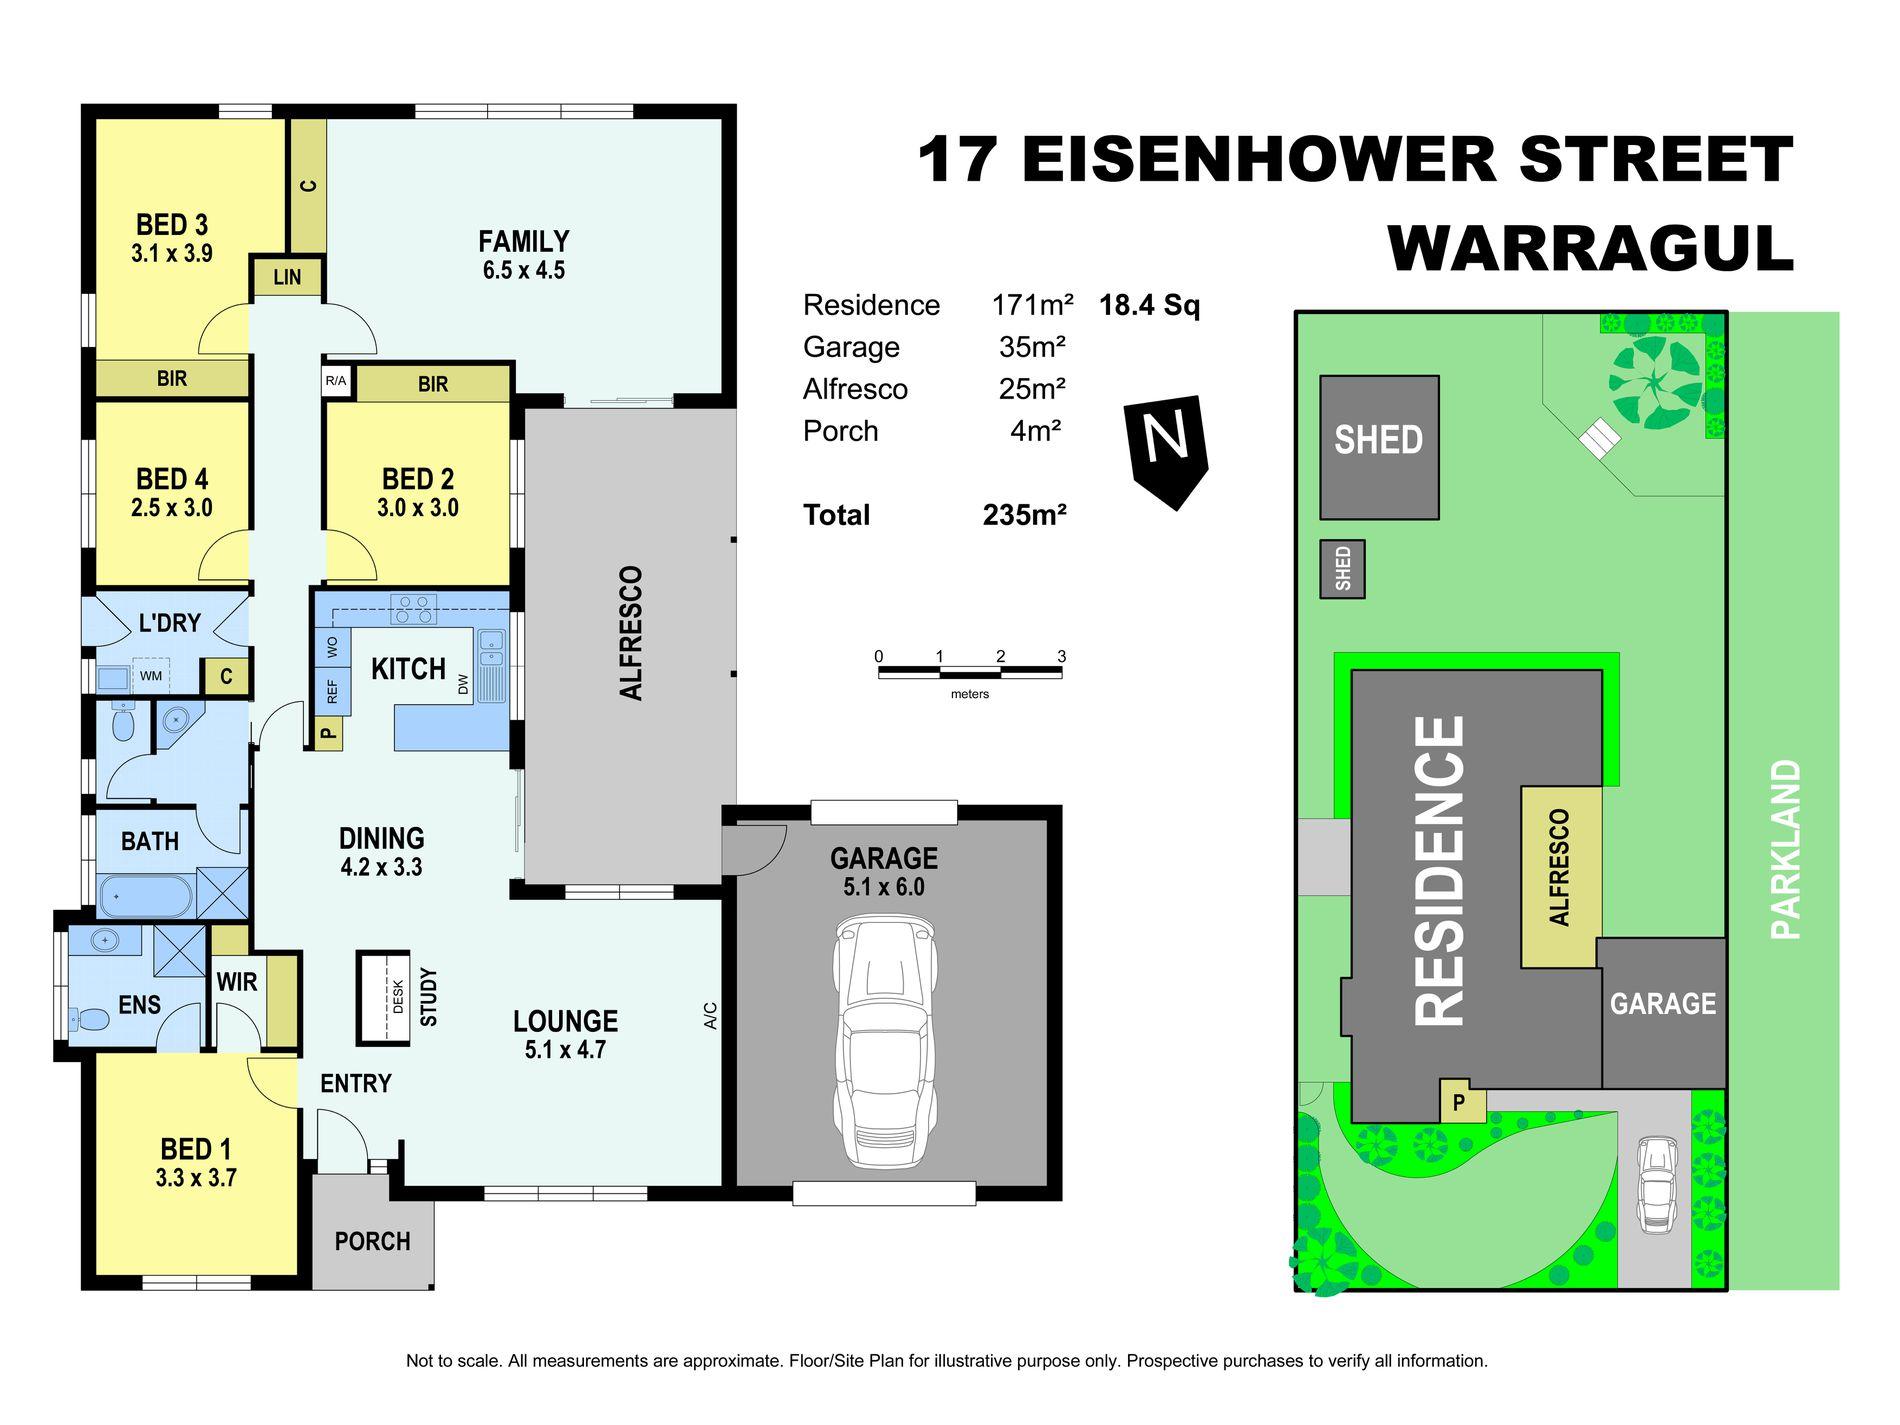 17 Eisenhower Street, Warragul